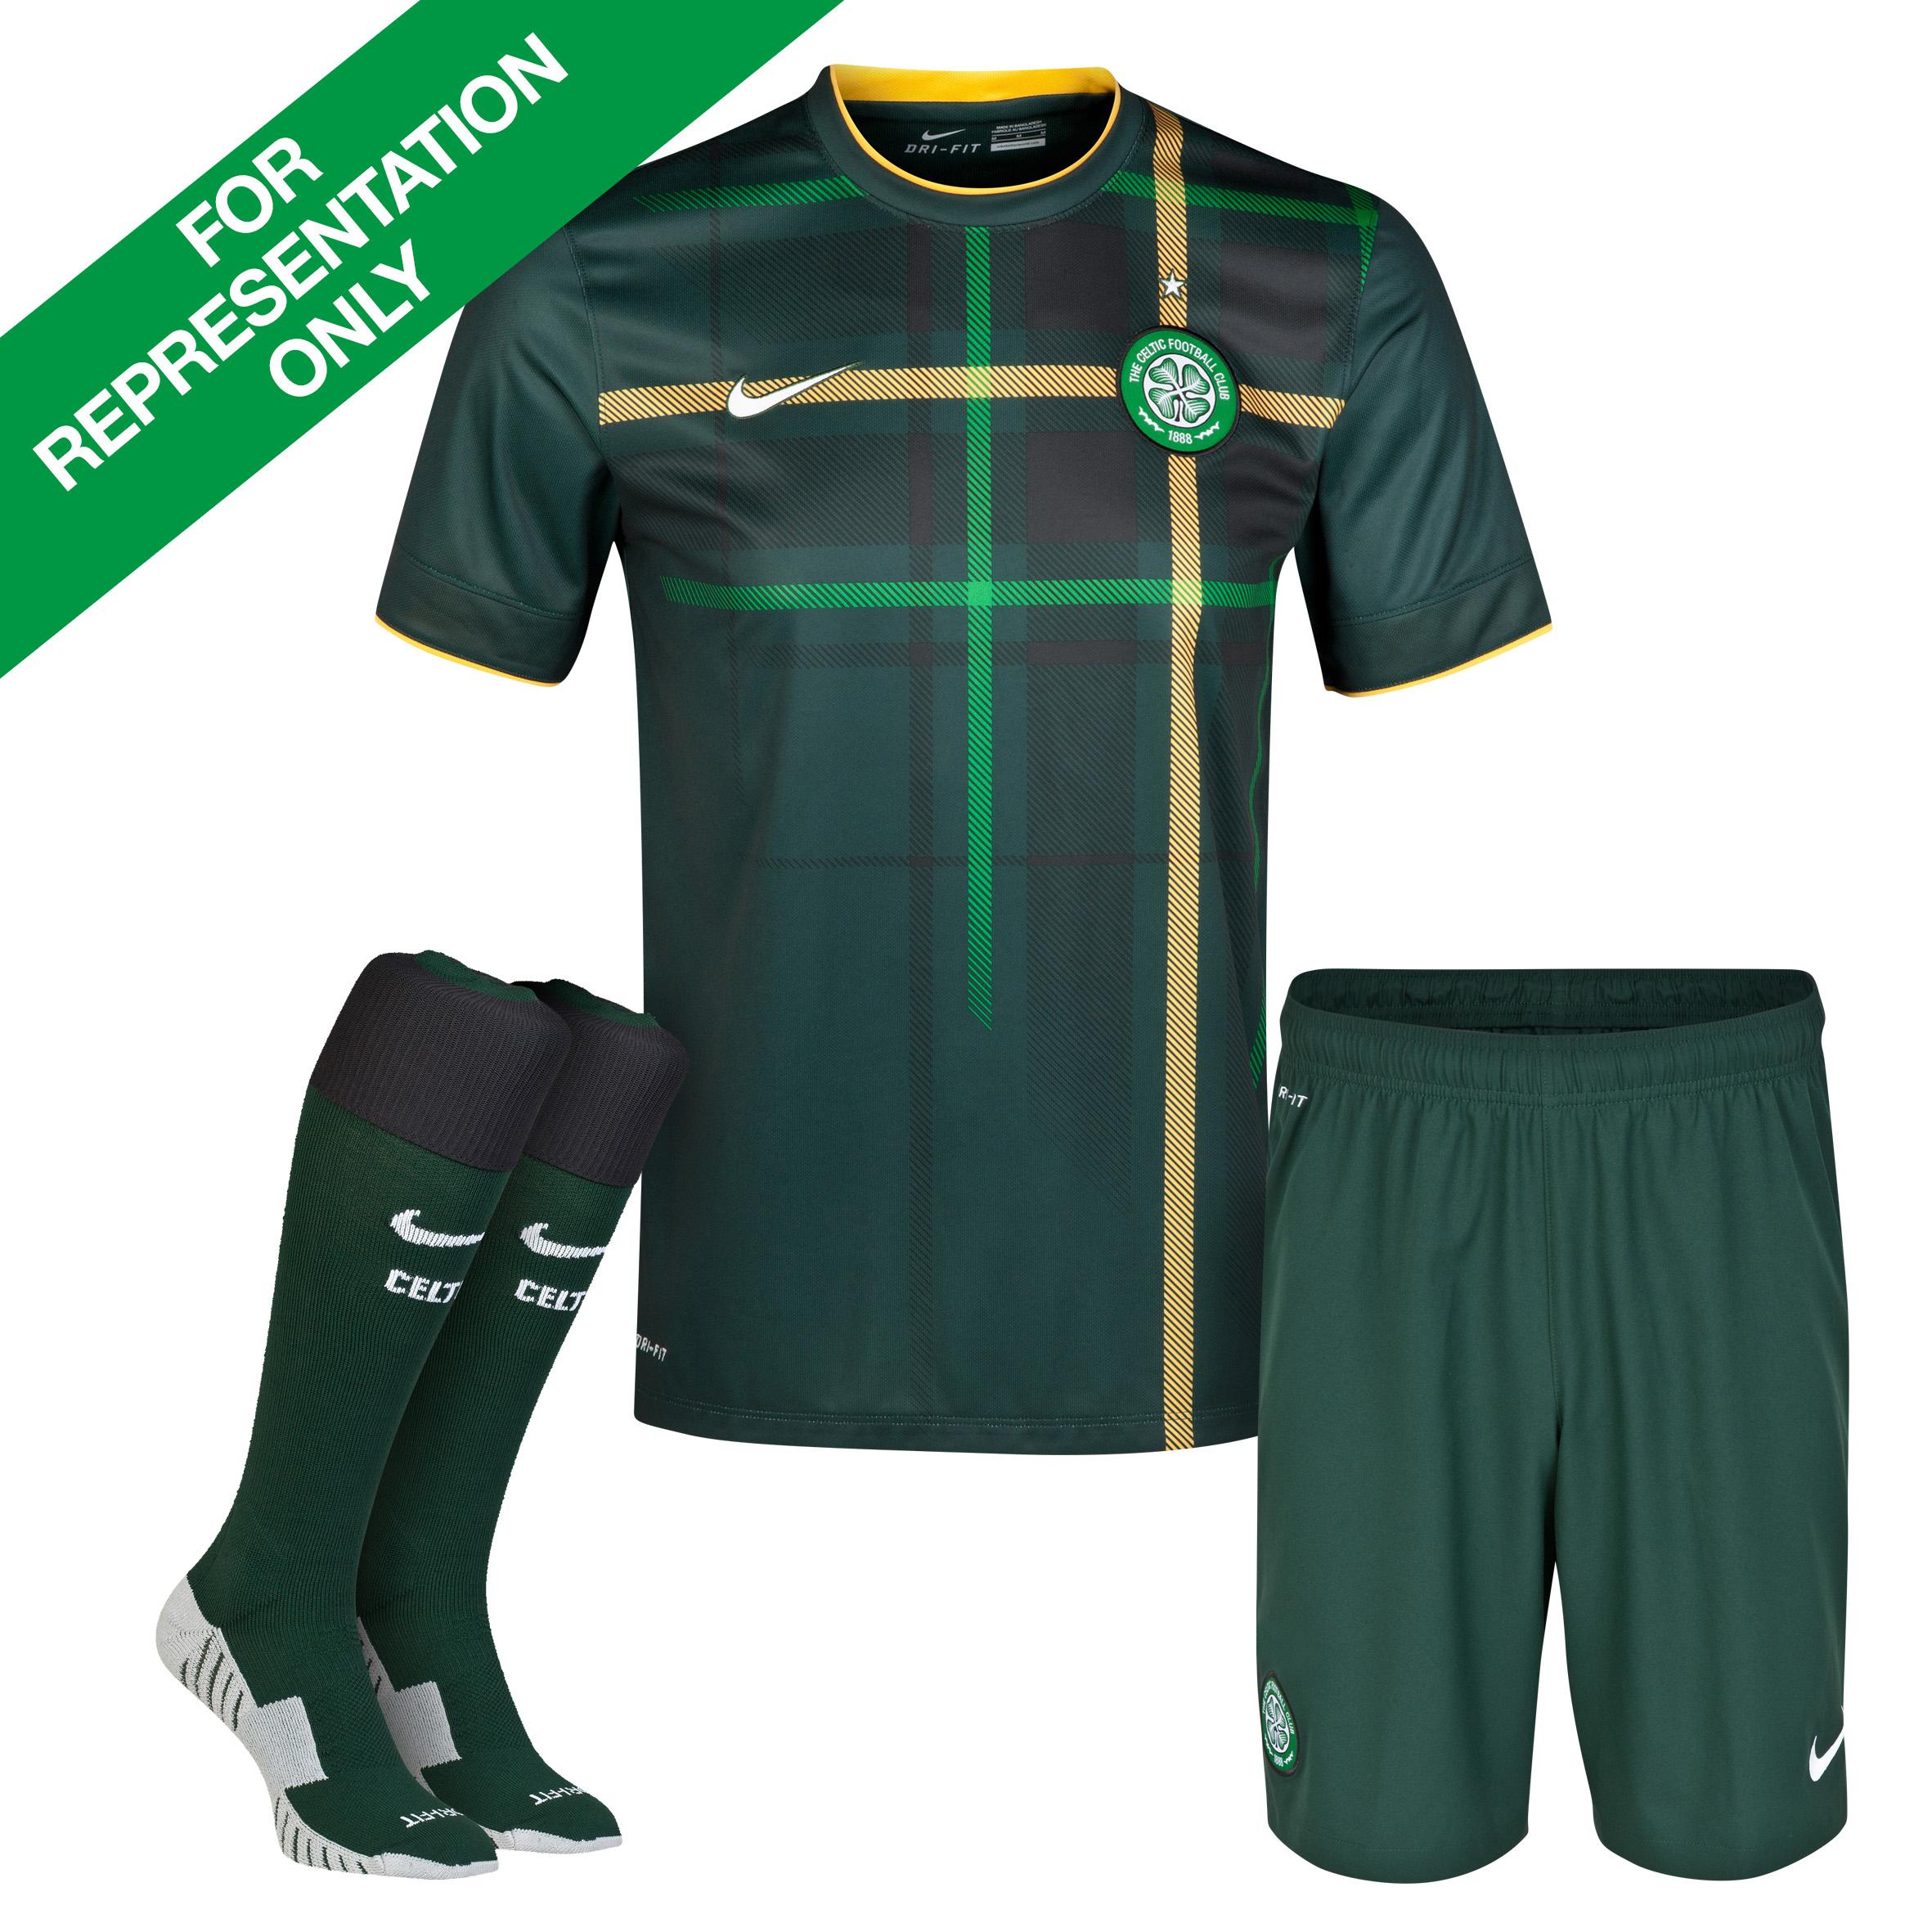 Celtic Away Kit 2014/15 - Little Boys Green